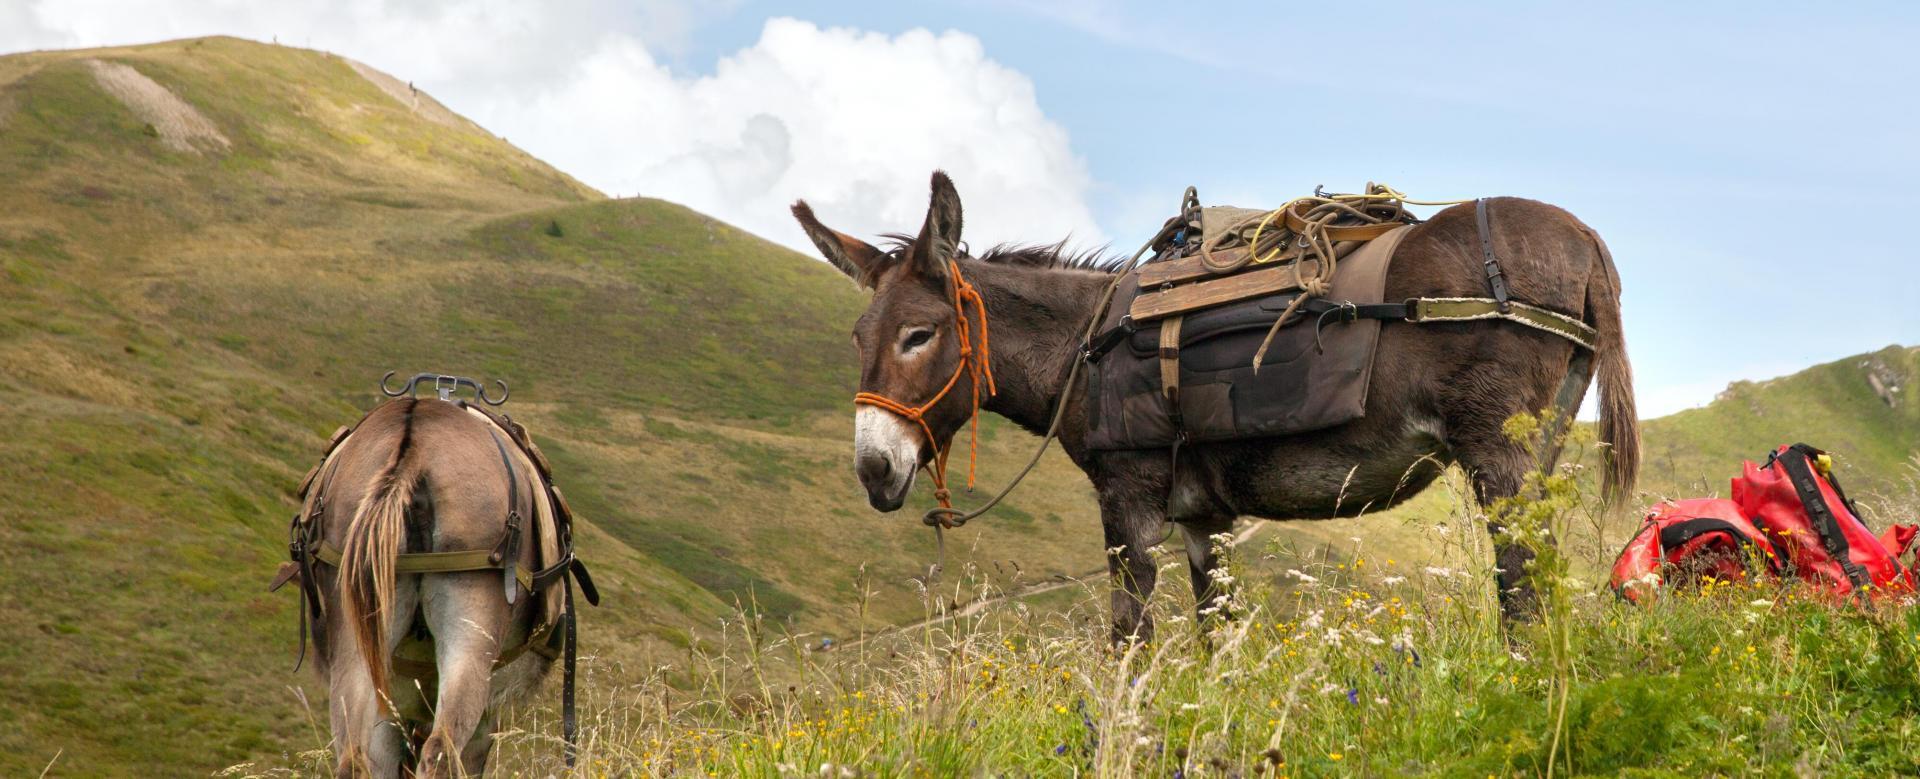 Voyage avec des animaux France : Le queyras avec mon âne